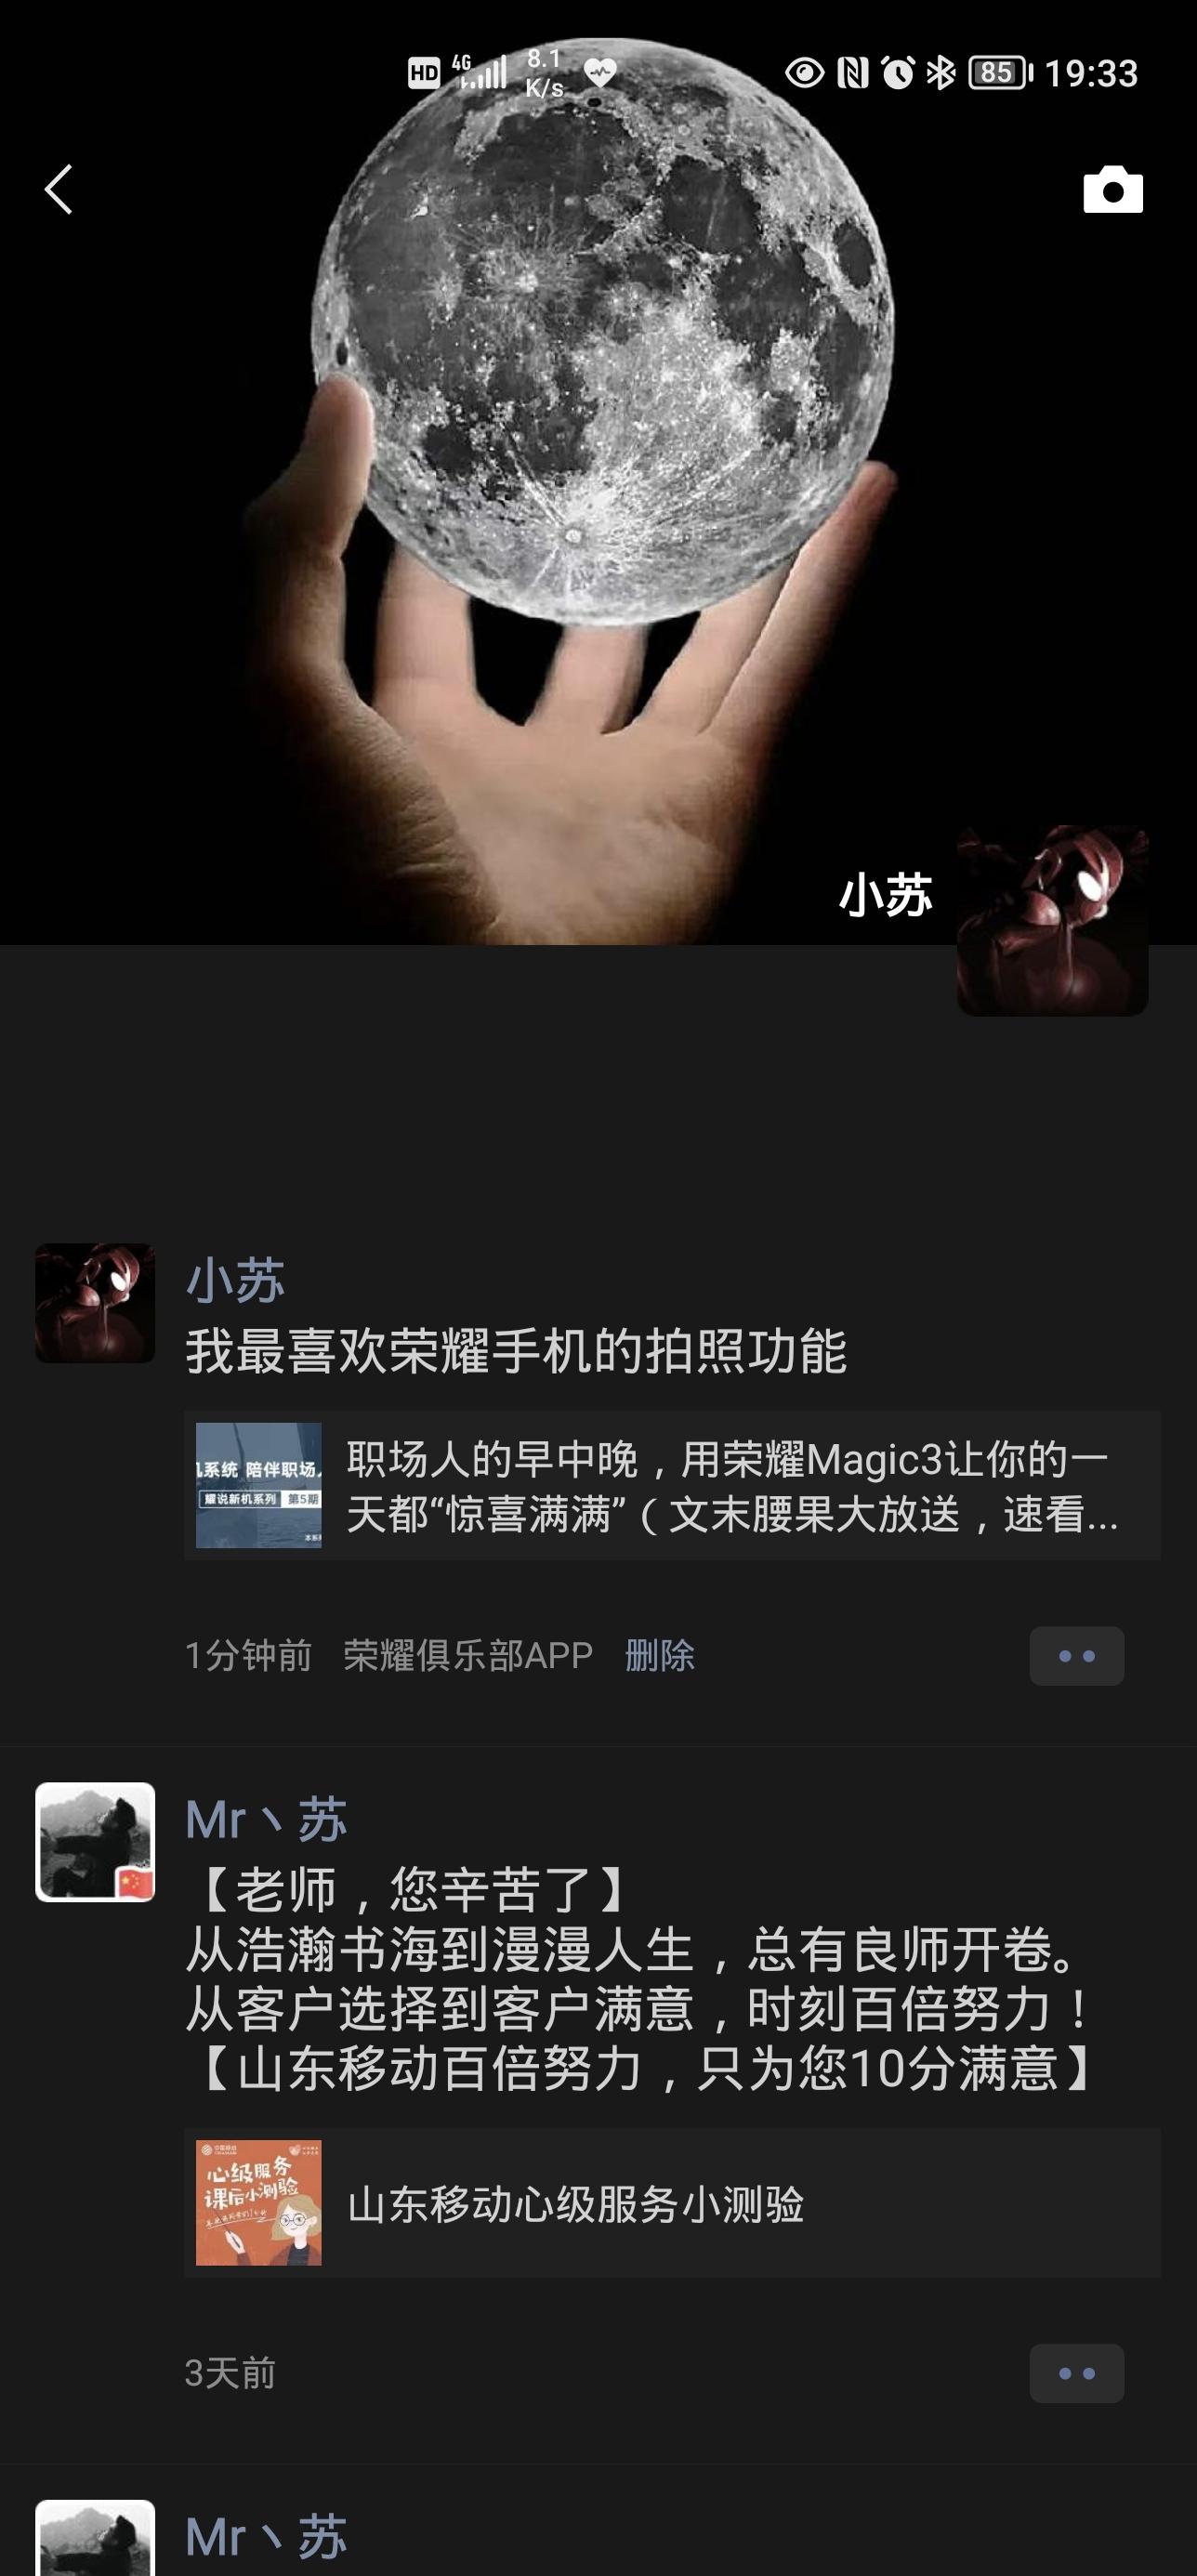 Screenshot_20210913_193307.jpg